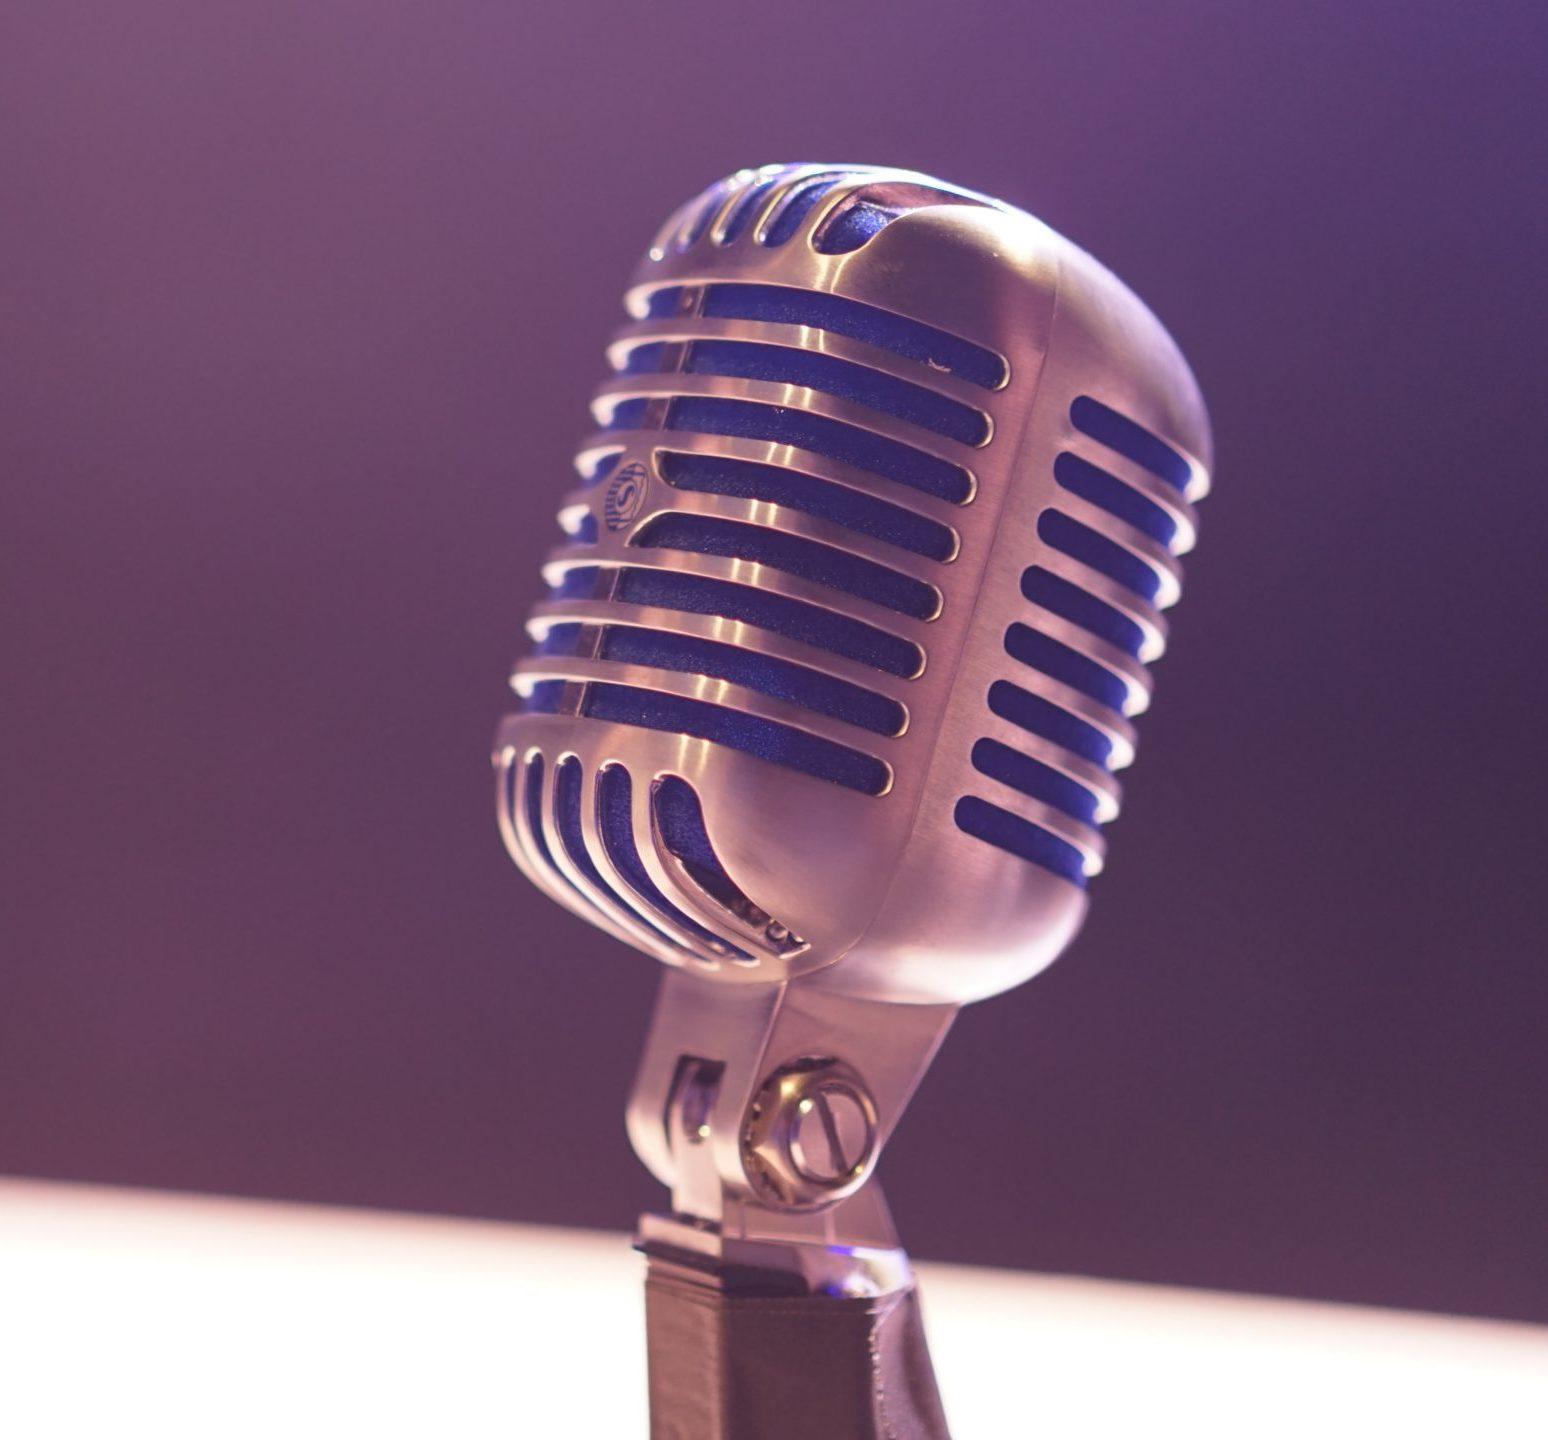 Psychologische Live-Sprechstunde mit Dr. Alena Rentsch, dienstags 17:00 Uhr